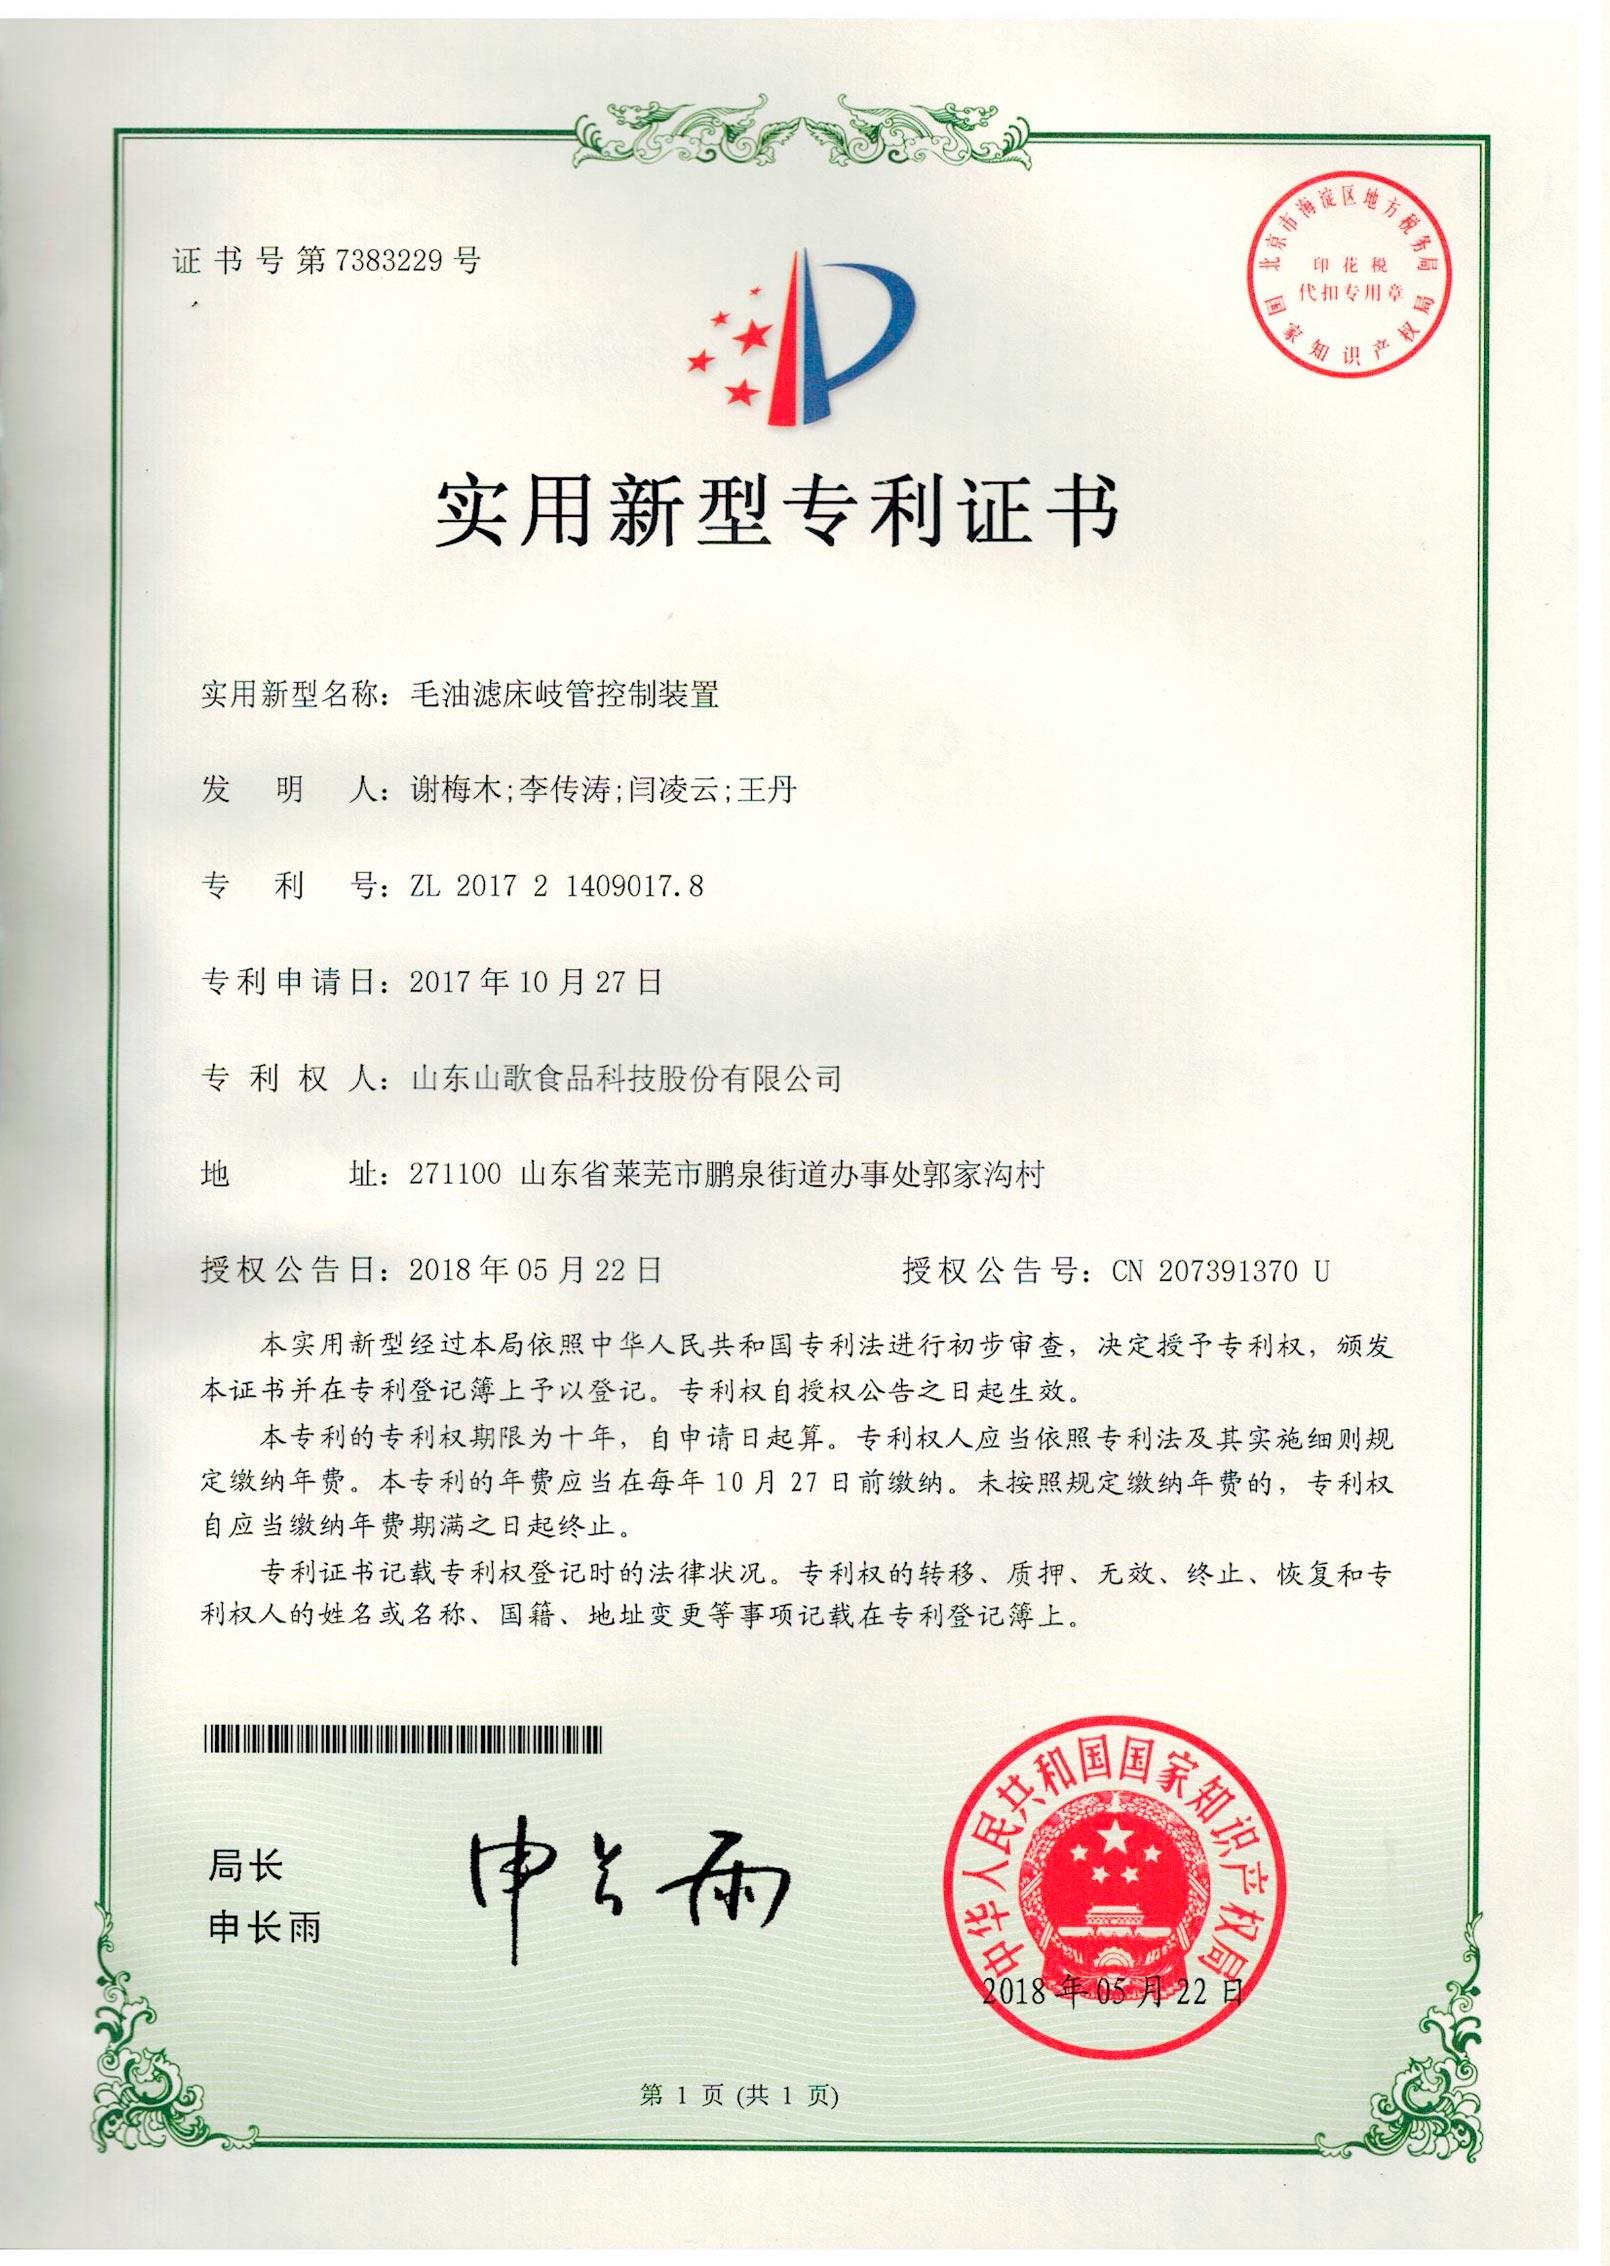 2018年5月22日获专利毛油岐管滤床控制装置